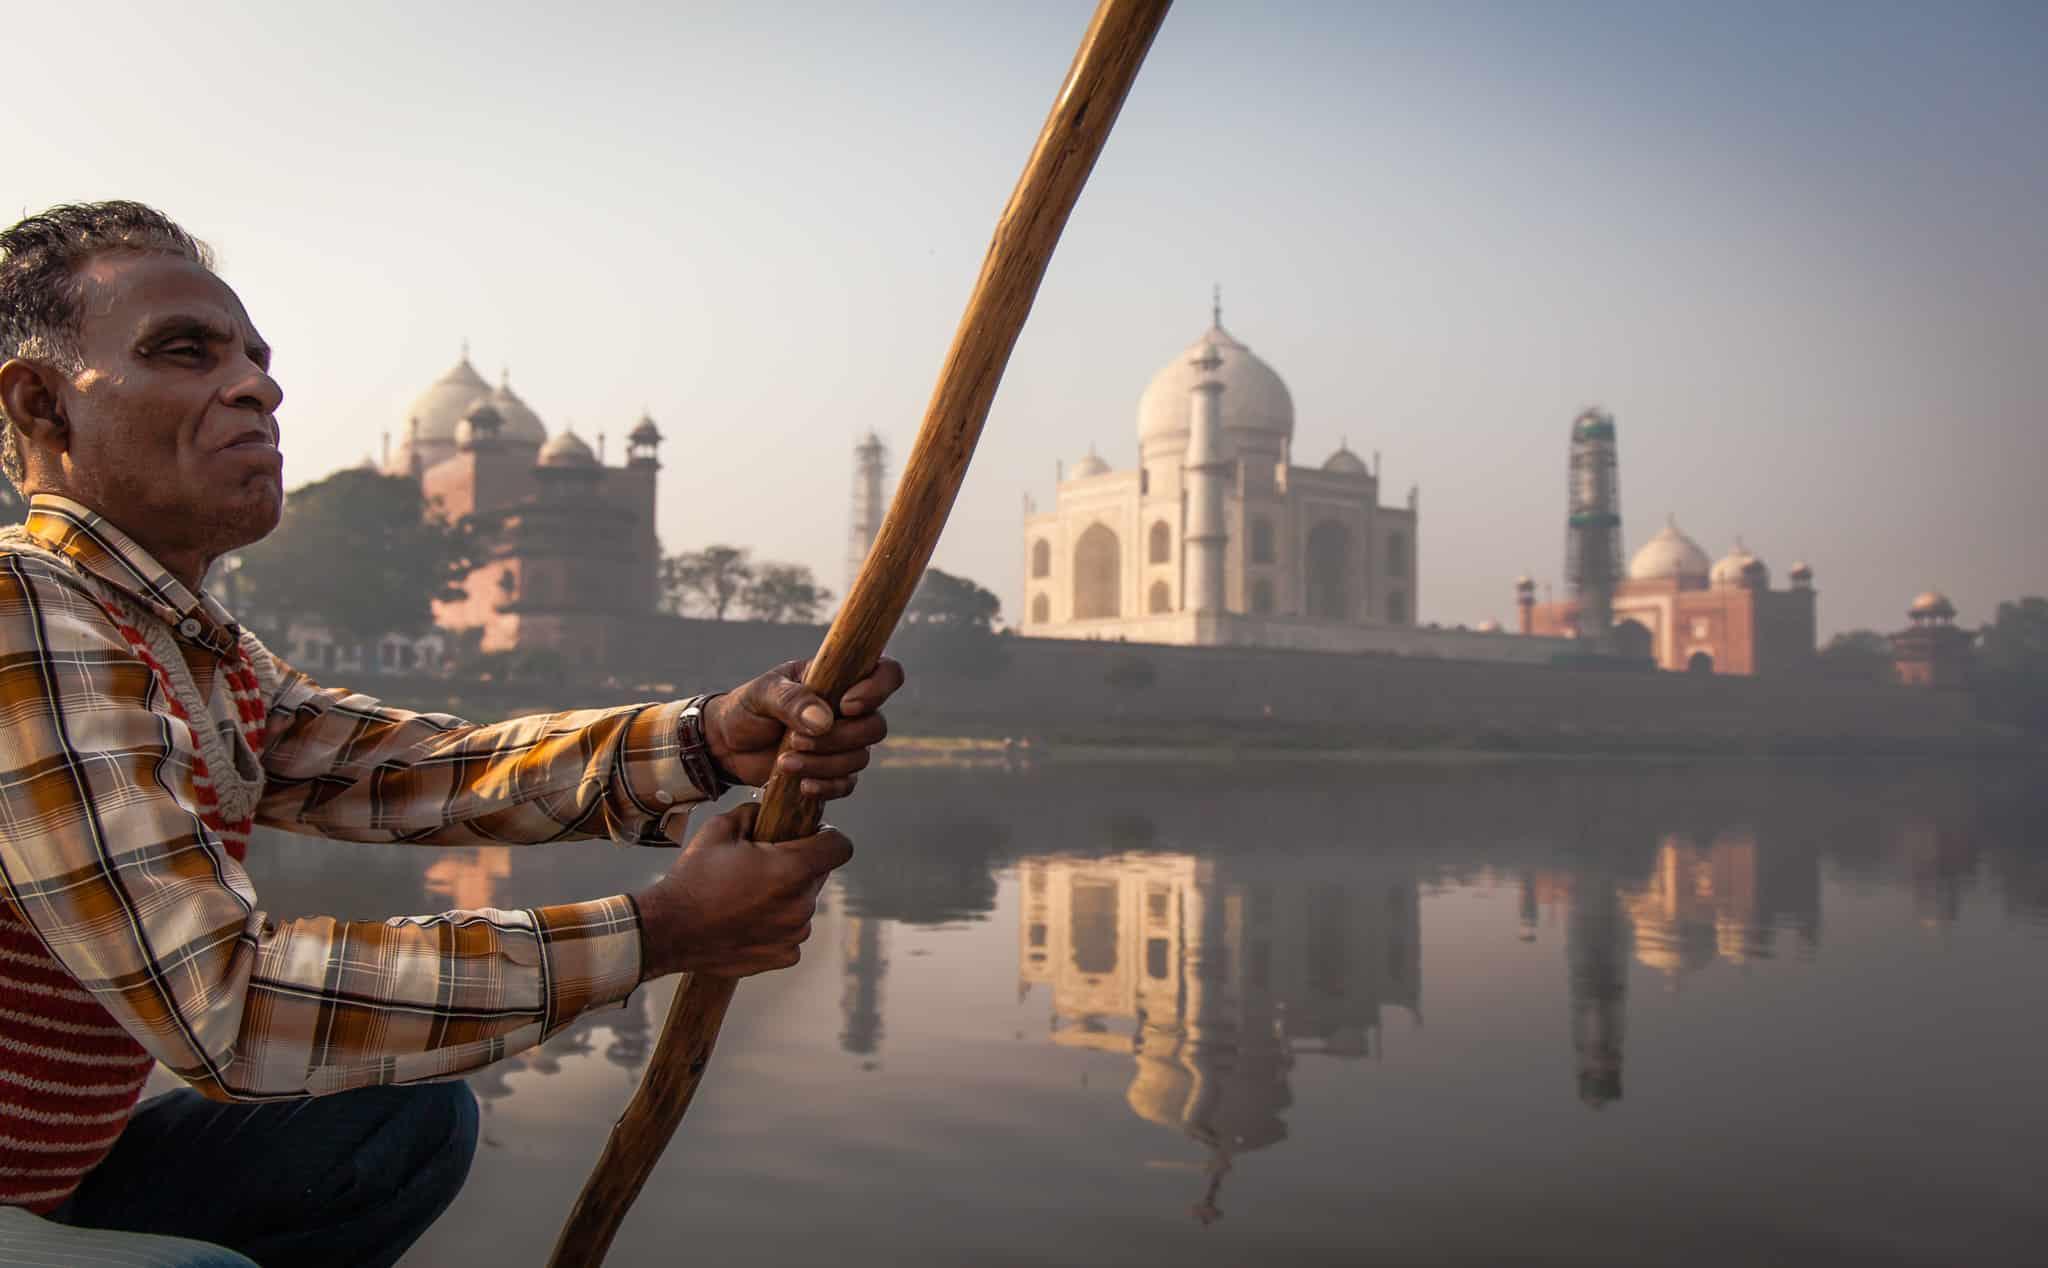 Taj Mahal Boat Ride